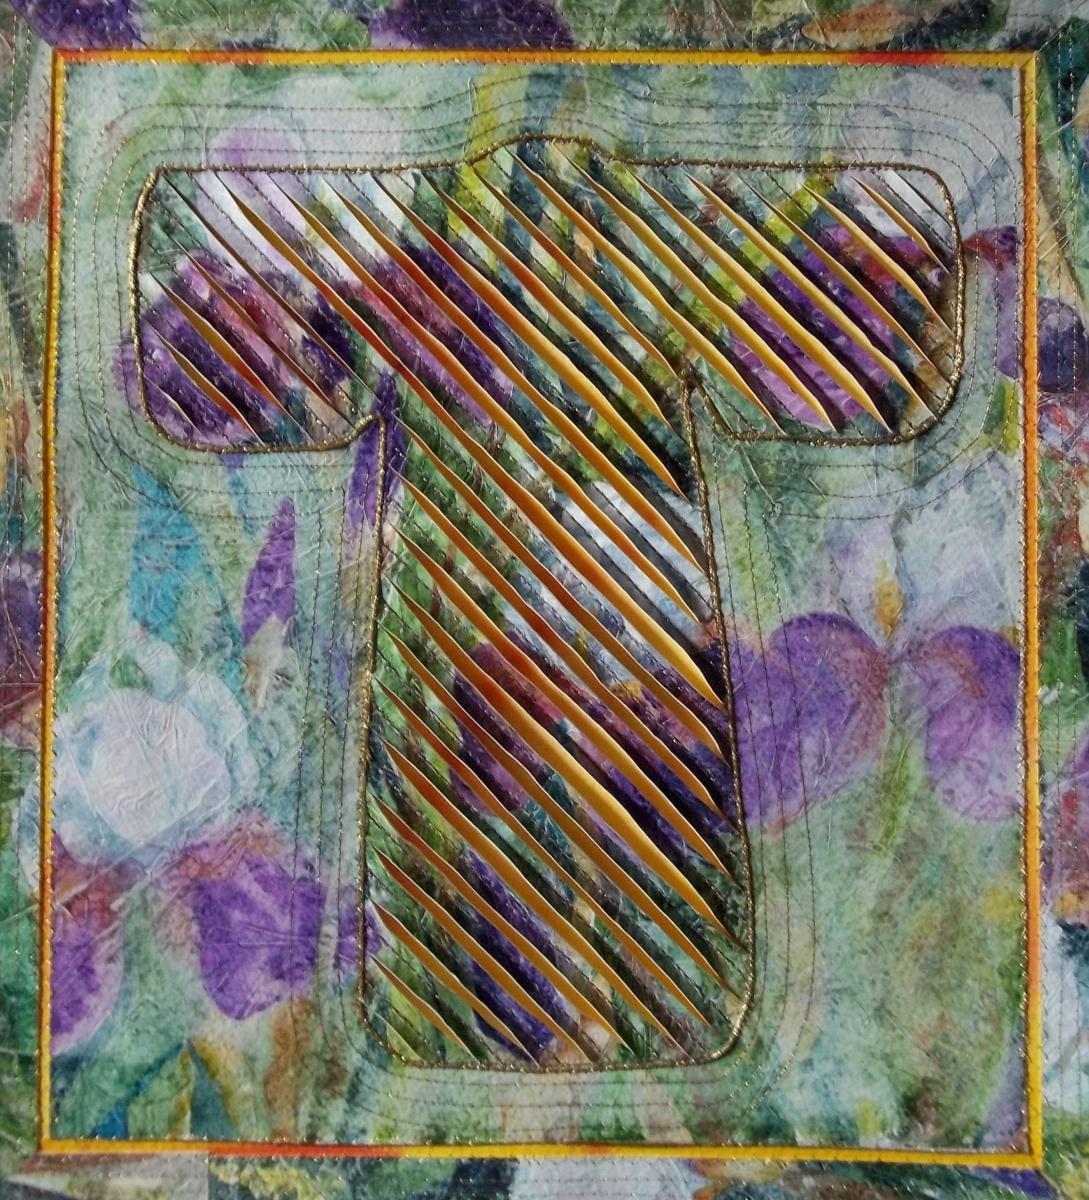 watercolor assemblage of a kimono